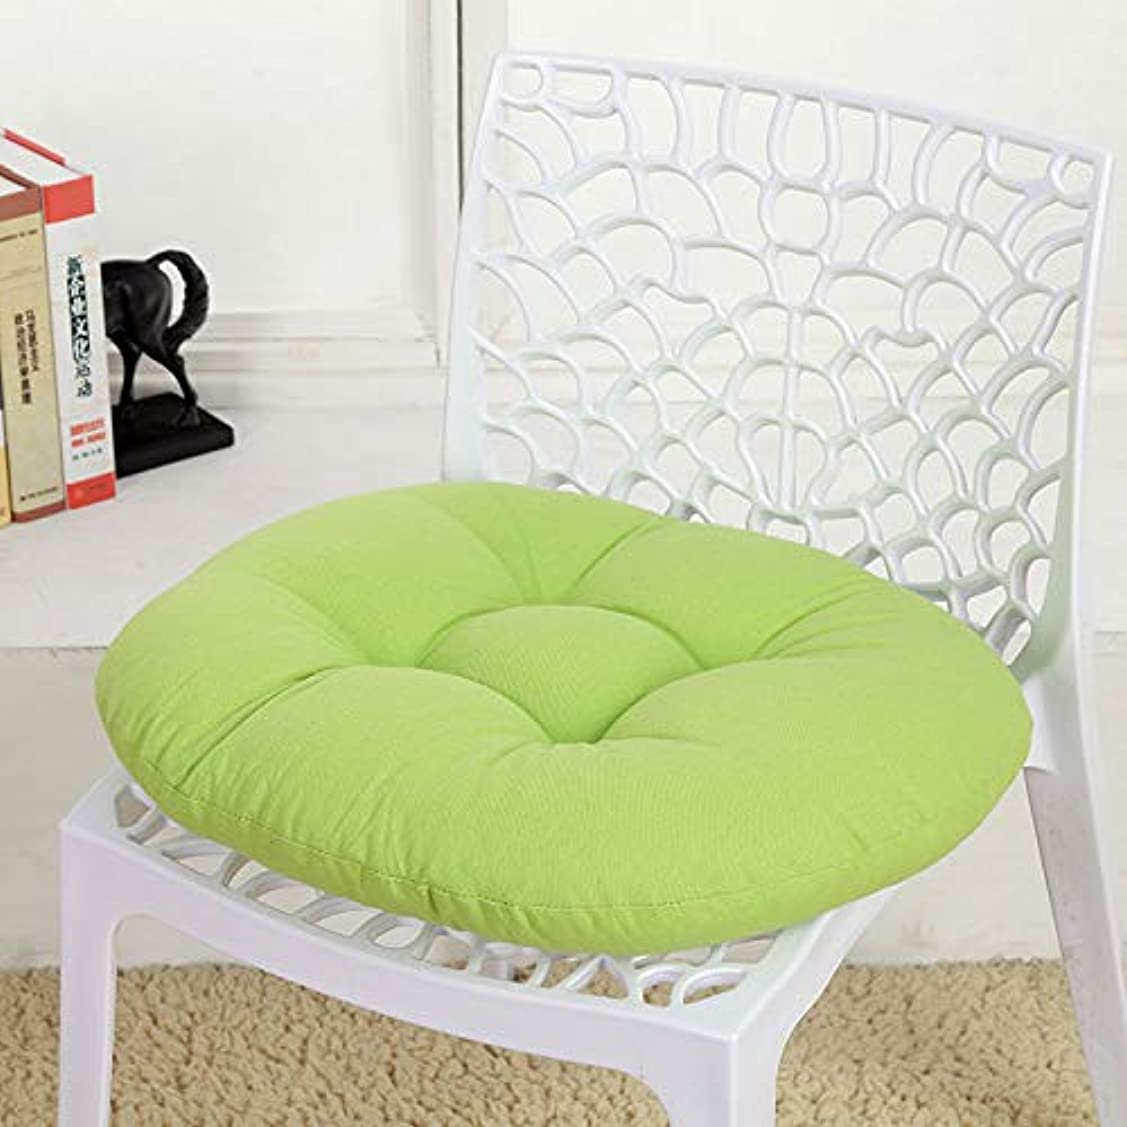 落ち込んでいる命令的アナロジーLIFE キャンディカラーのクッションラウンドシートクッション波ウィンドウシートクッションクッション家の装飾パッドラウンド枕シート枕椅子座る枕 クッション 椅子